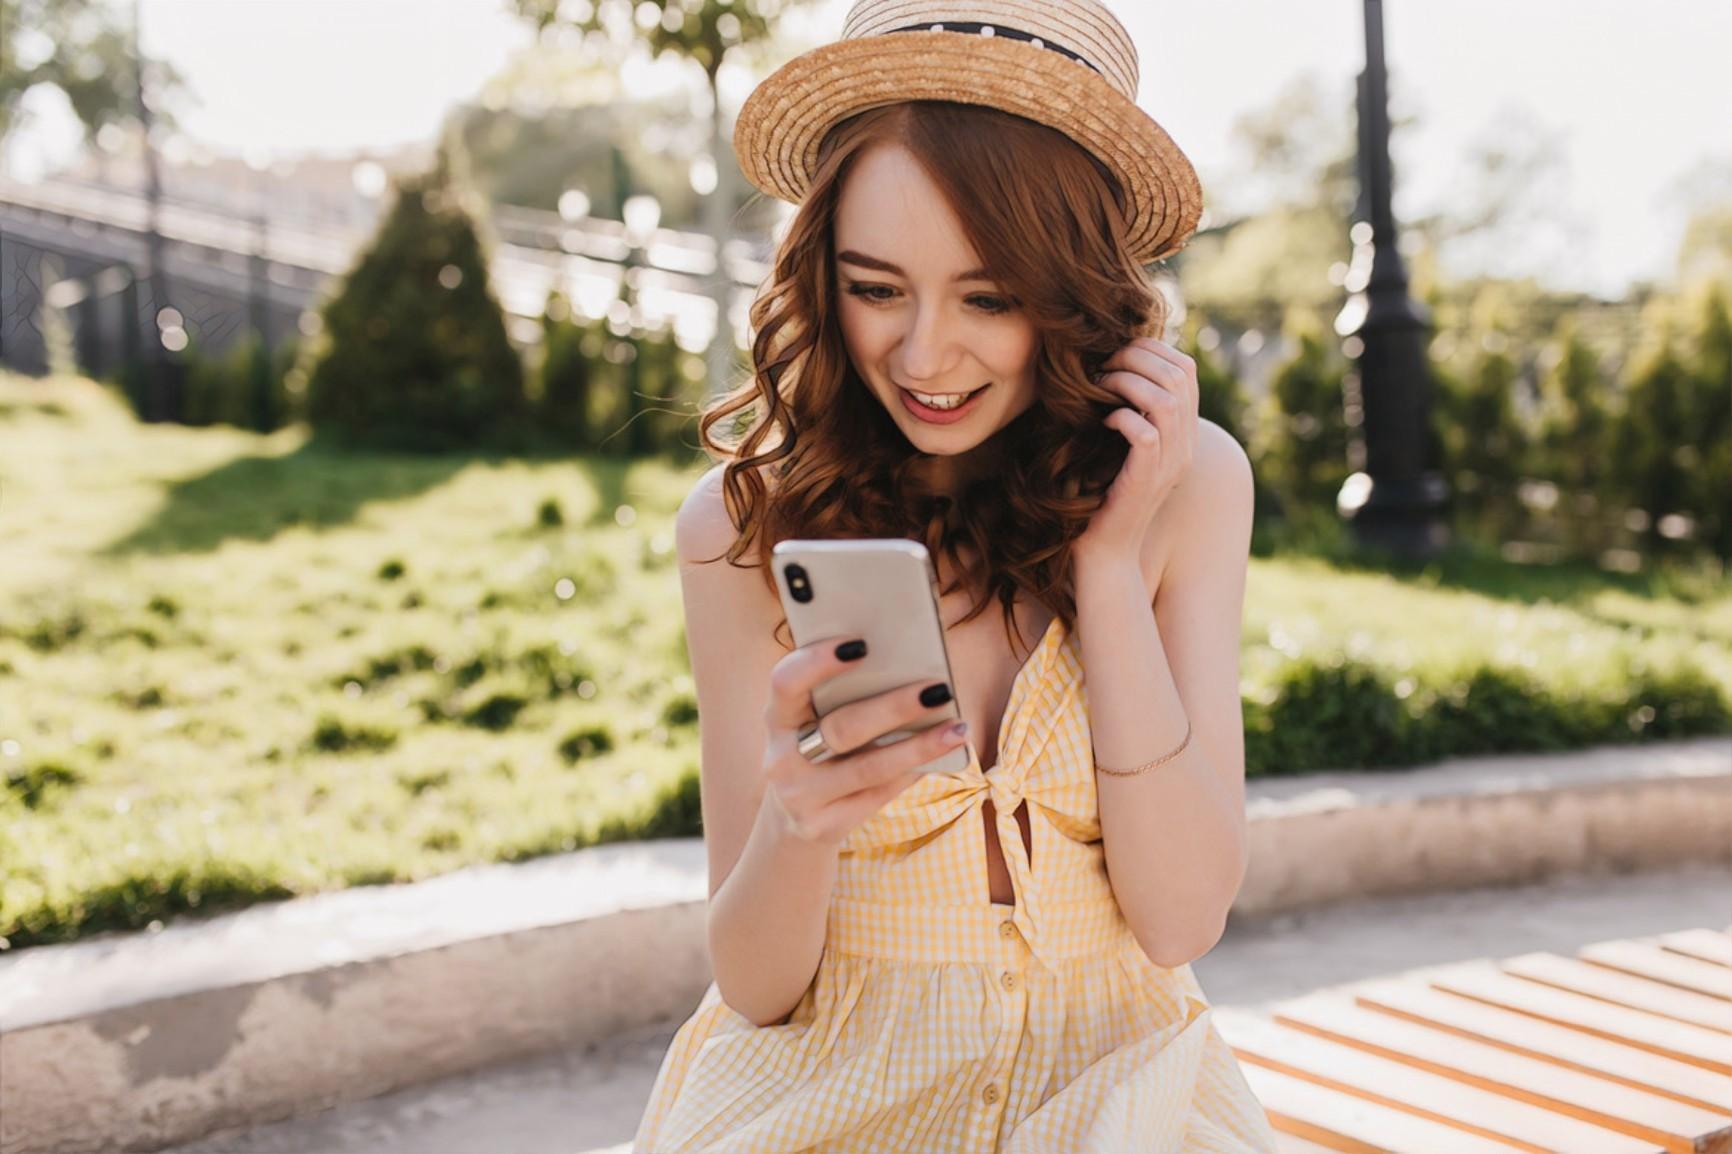 девушка читает о своей коже  с телефона